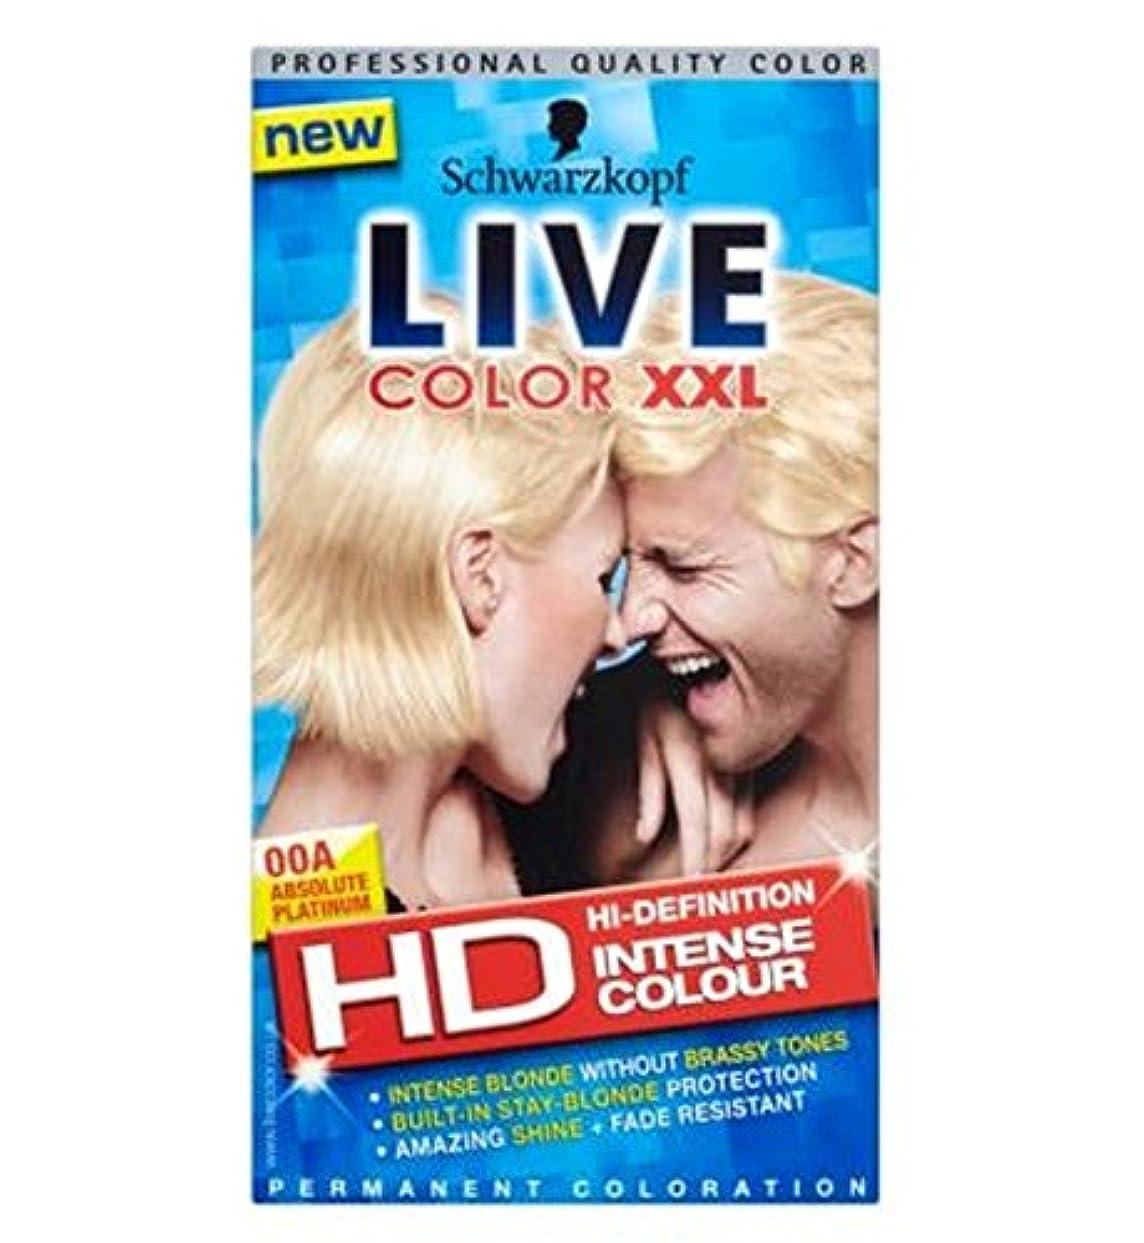 生命体協同鉛シュワルツコフライブカラーXxlハイビジョン00A絶対プラチナ永久ブロンドの髪の染料 (Schwarzkopf) (x2) - Schwarzkopf LIVE Color XXL HD 00A Absolute Platinum Permanent Blonde Hair Dye (Pack of 2) [並行輸入品]